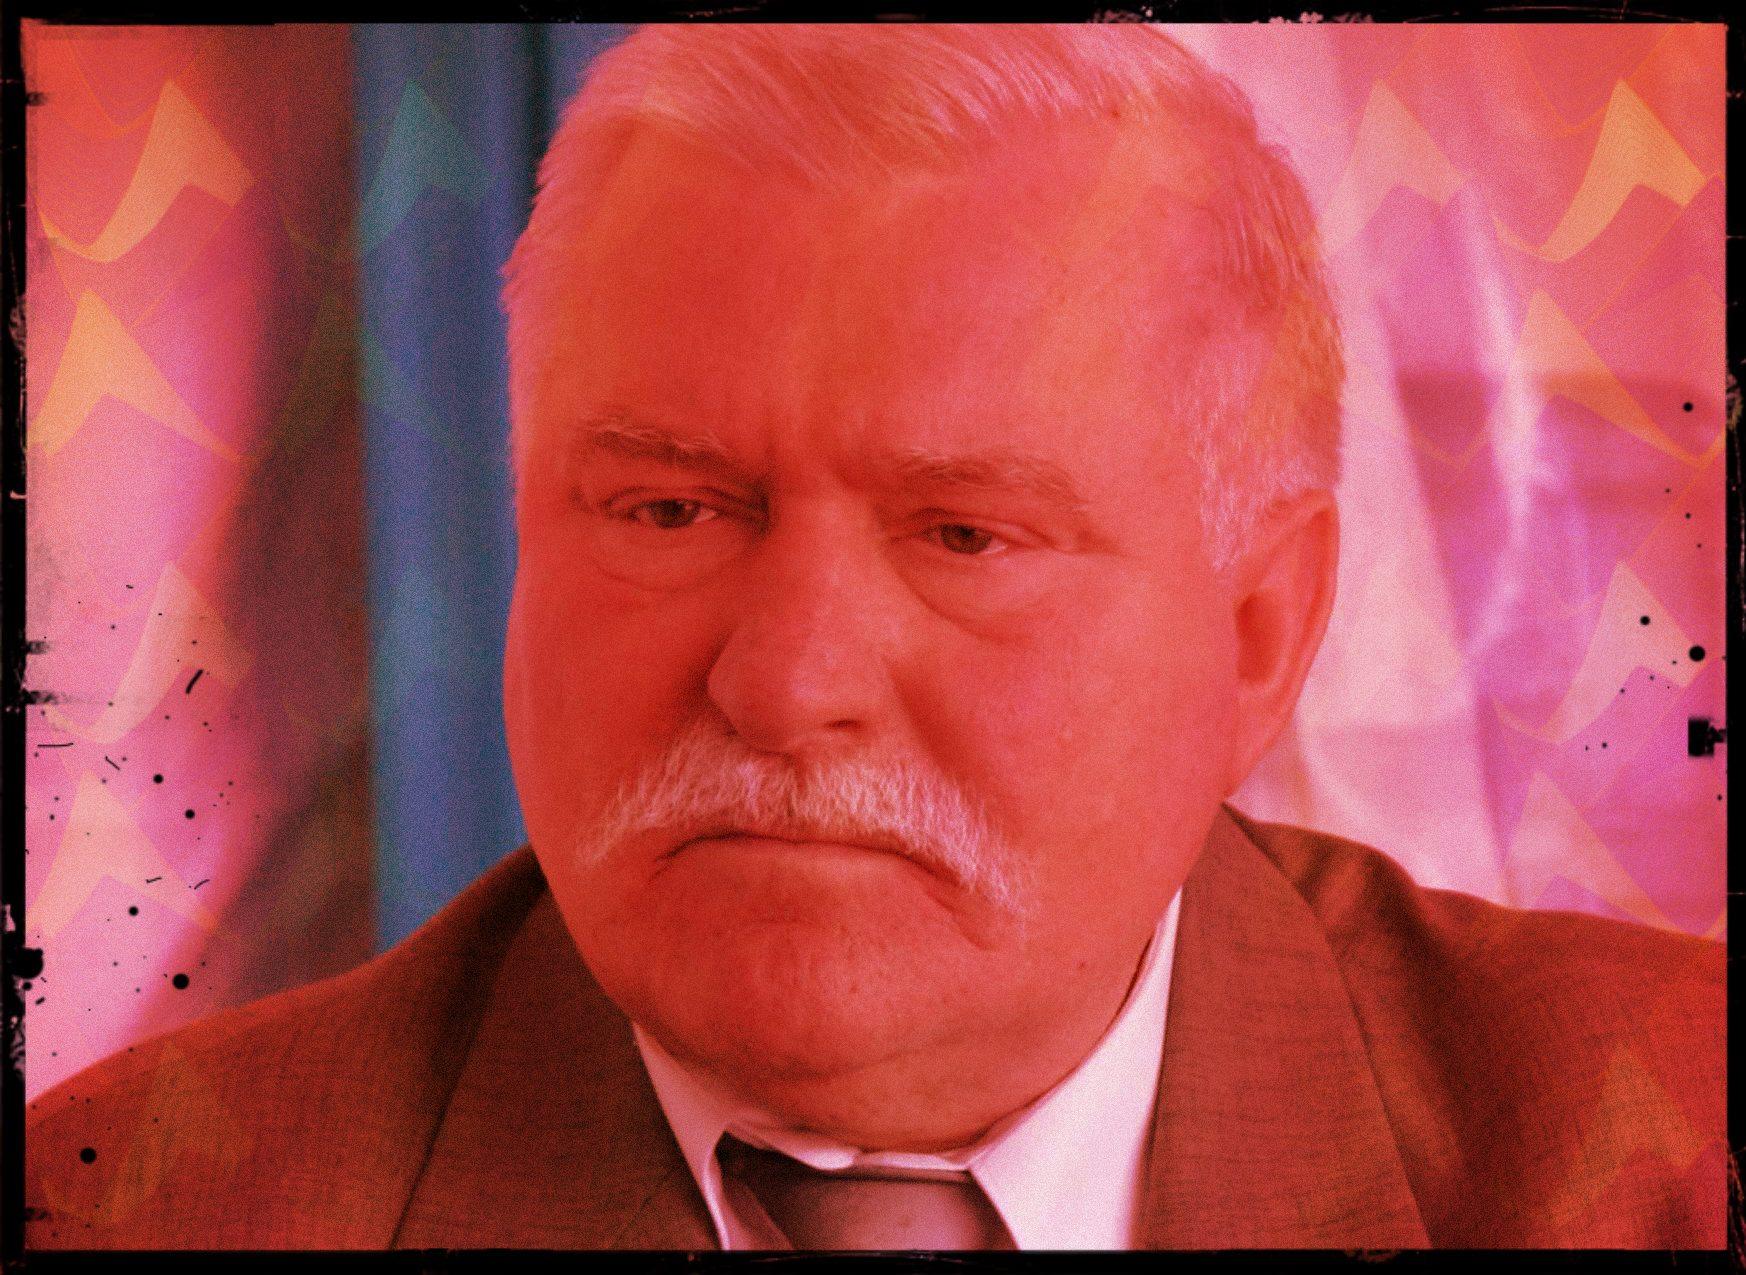 OFICJALNIE: Będzie ostro jak w MMA. Wielkie starcie Kaczyński vs Wałęsa potwiedzone